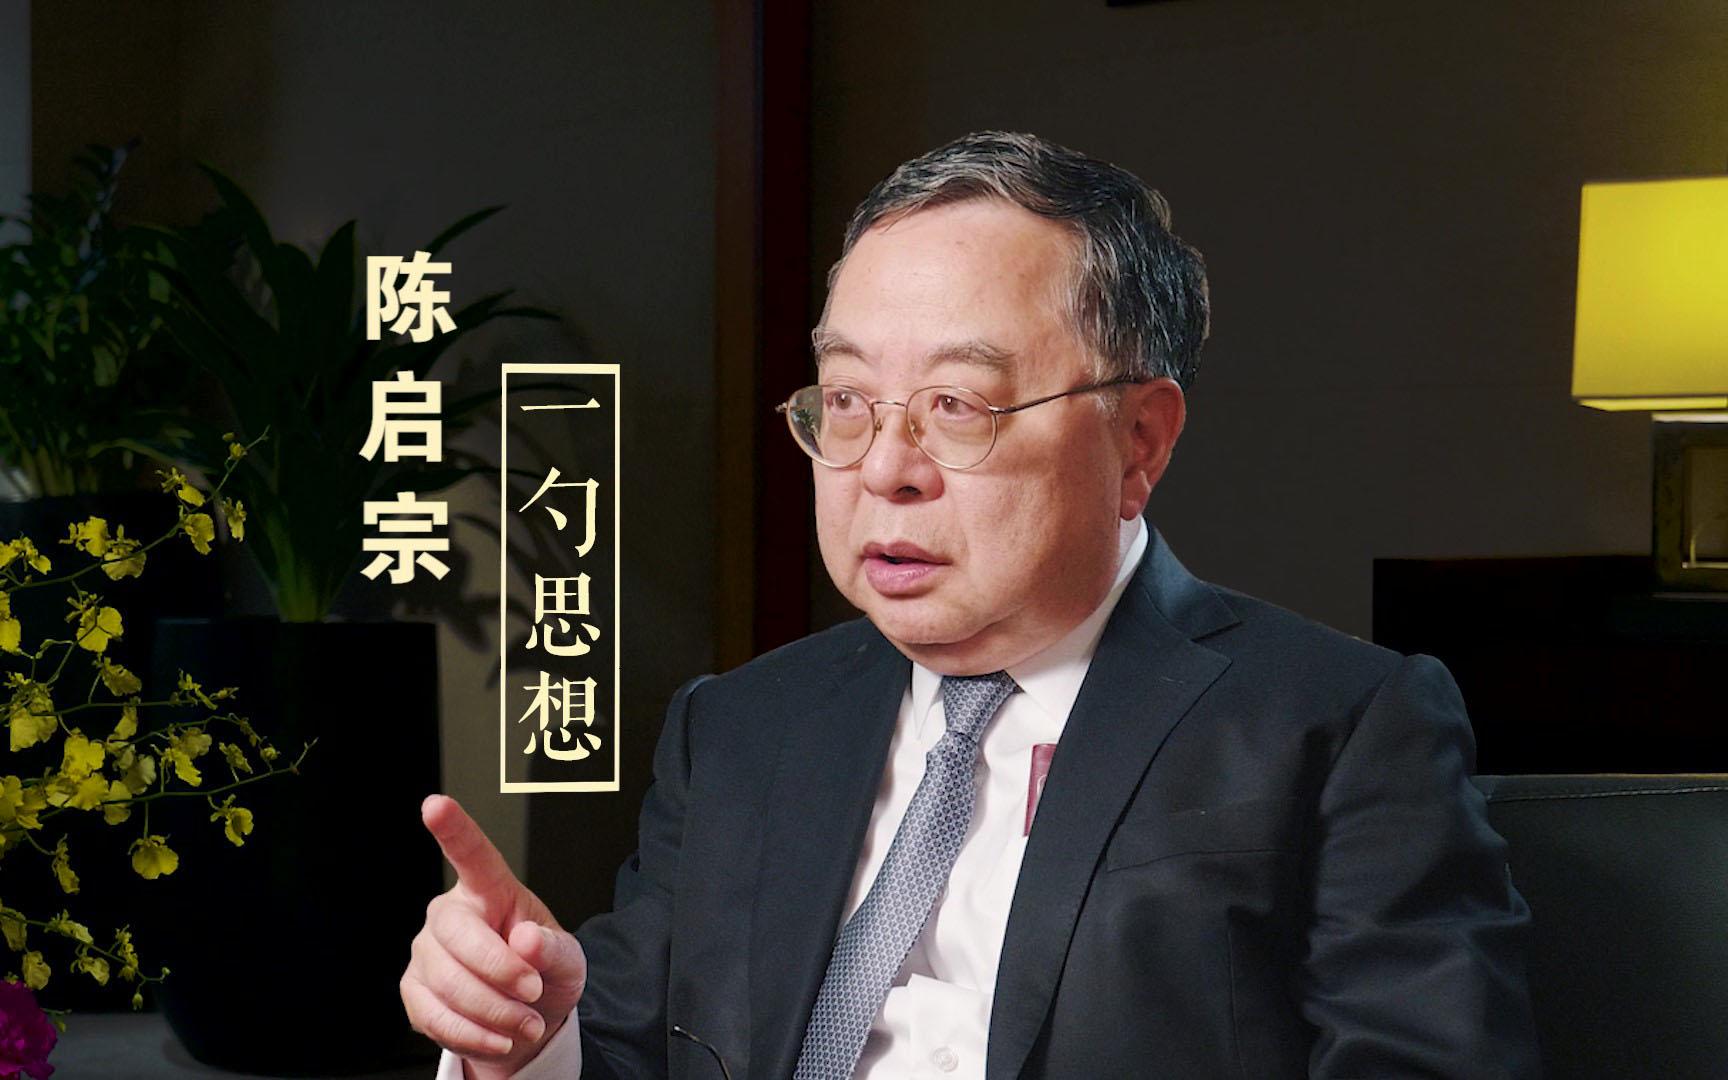 陈启宗:香港的问题,今天我们就摊开说一说【重发】